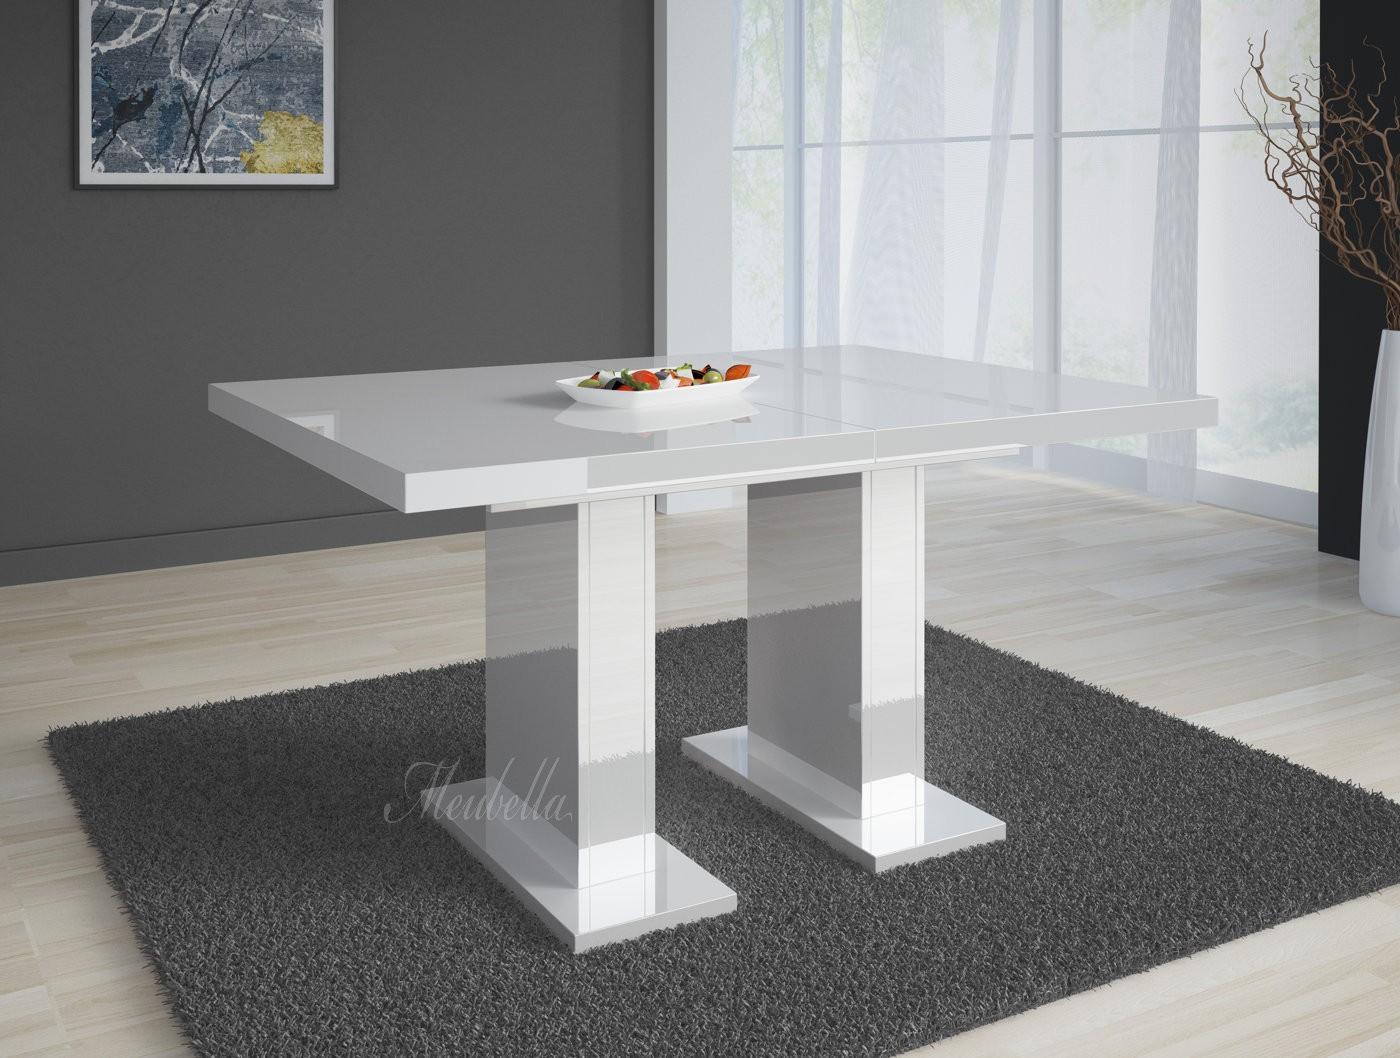 Hoogglans Witte Eettafel 140.Eetkamertafel Glamour 160 Wit Uitschuifbaar Meubella